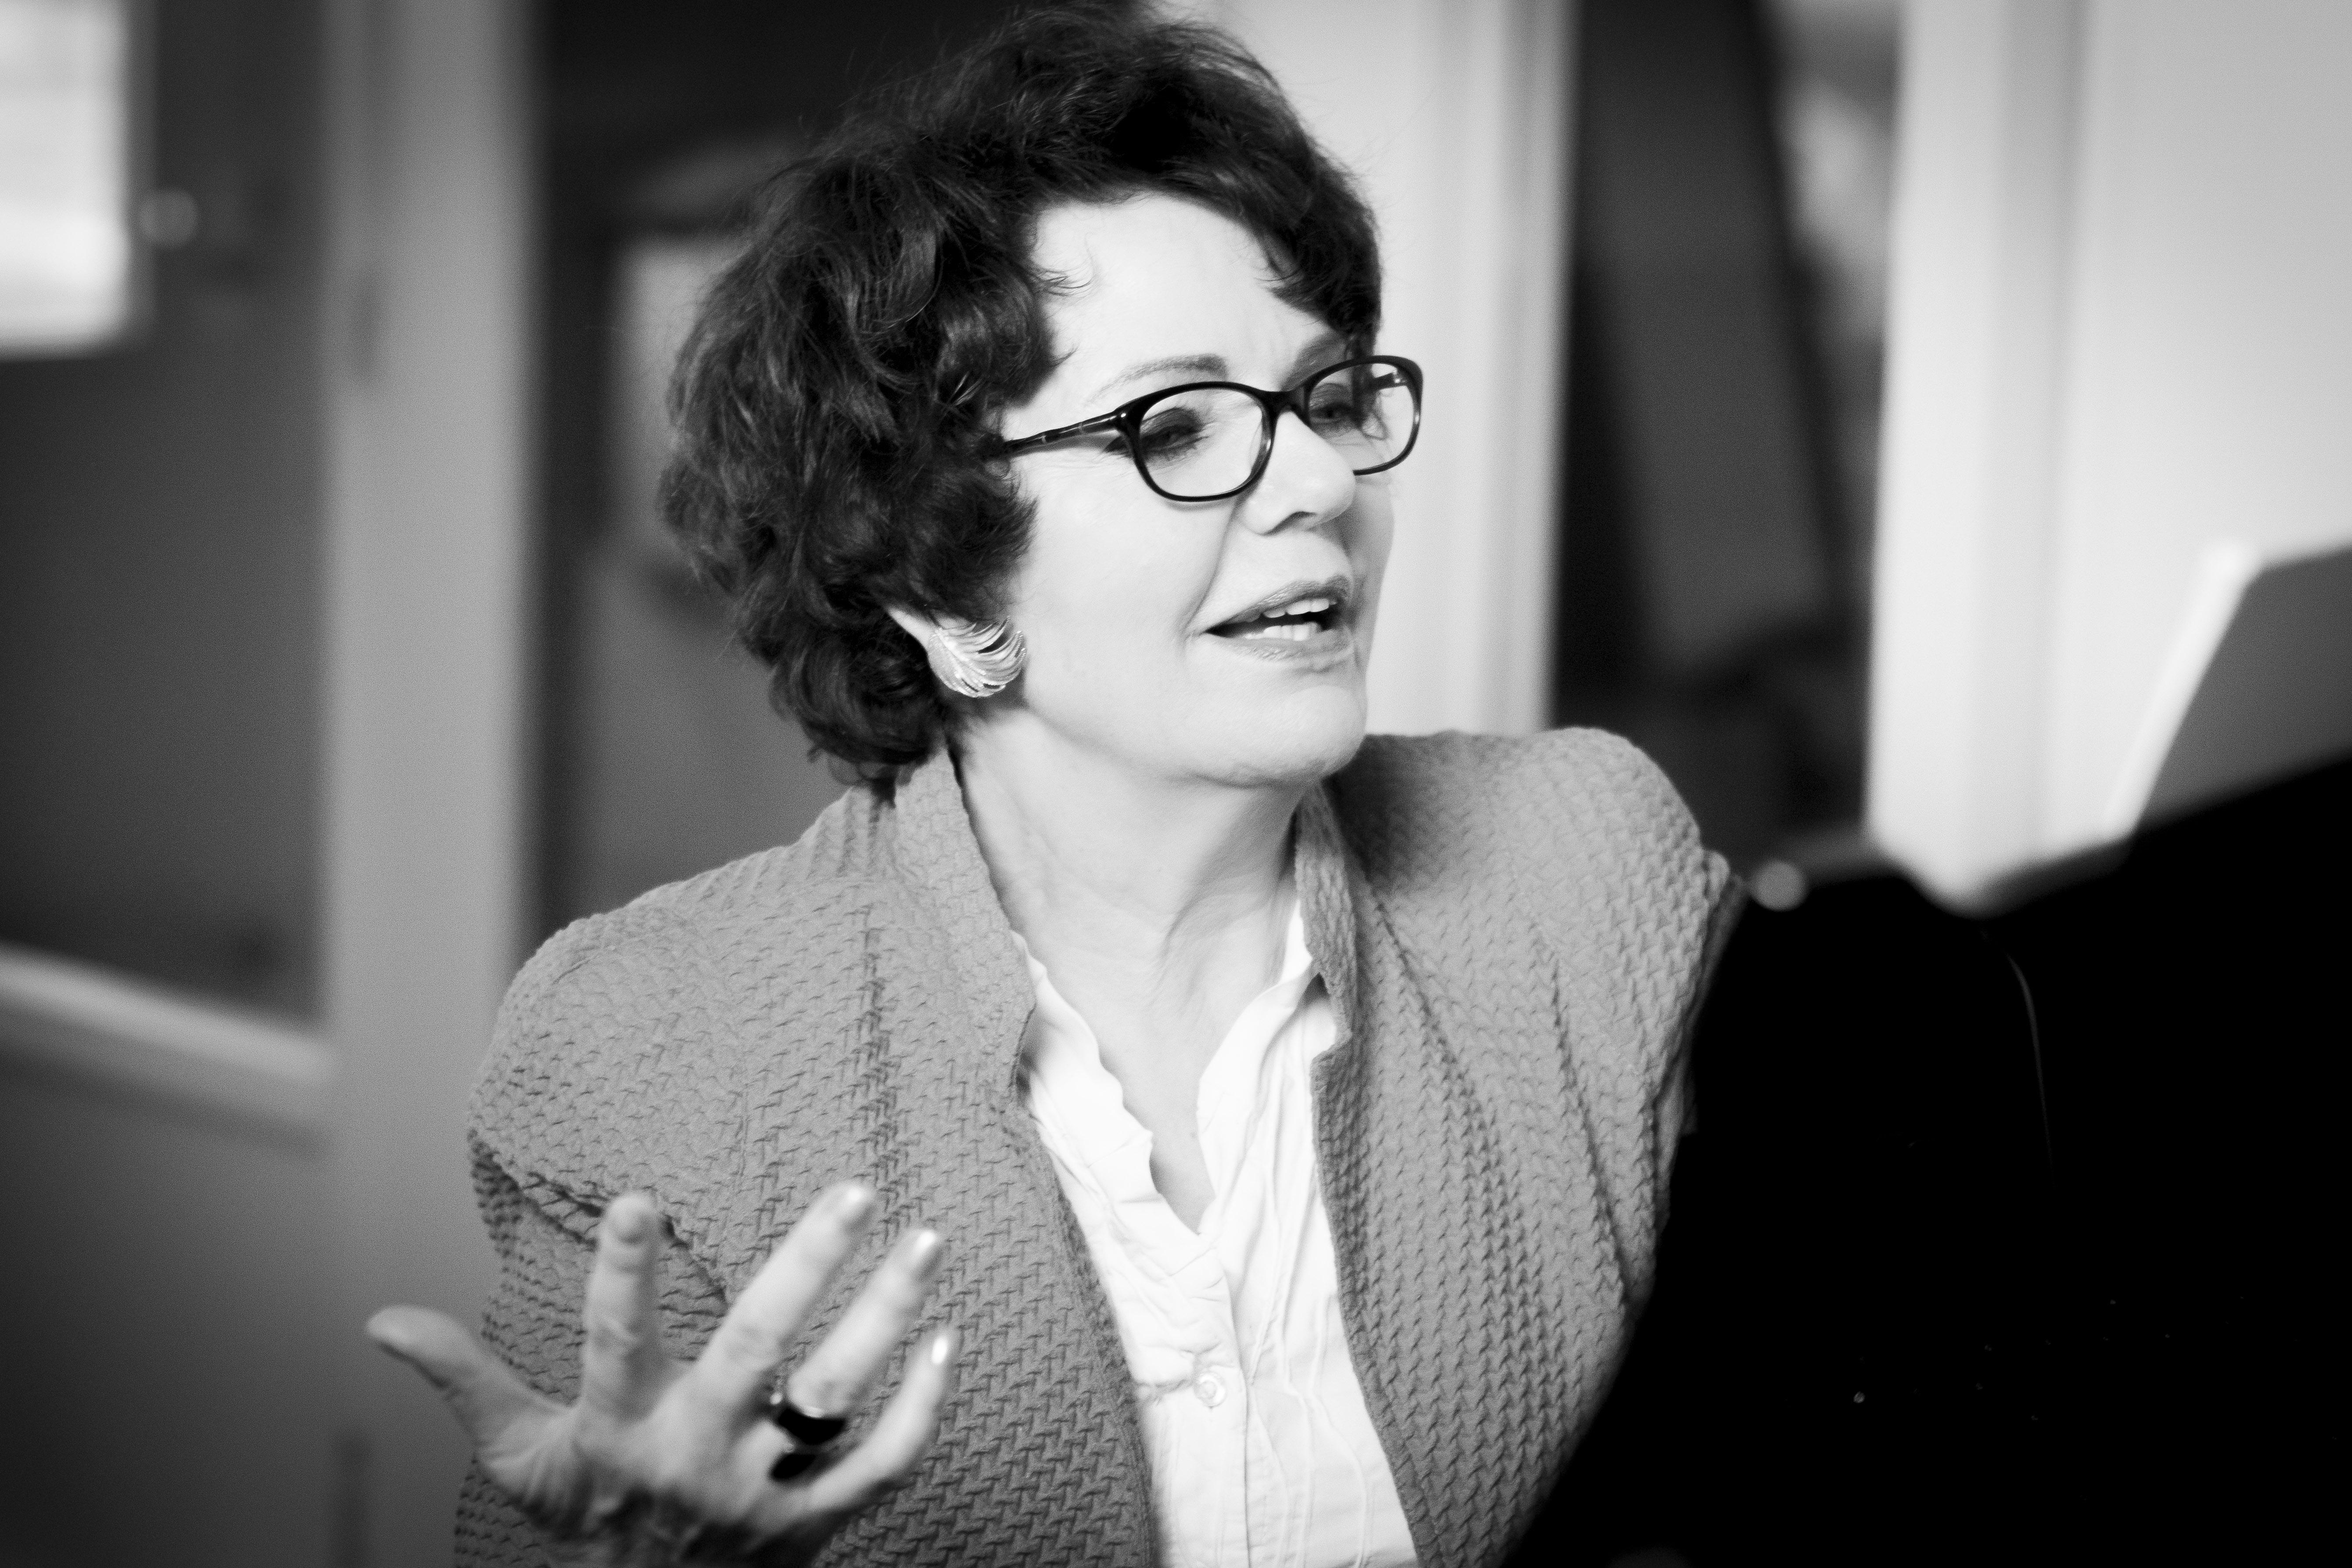 Marion van den Akker photographed by Maurice Lammerts van Bueren